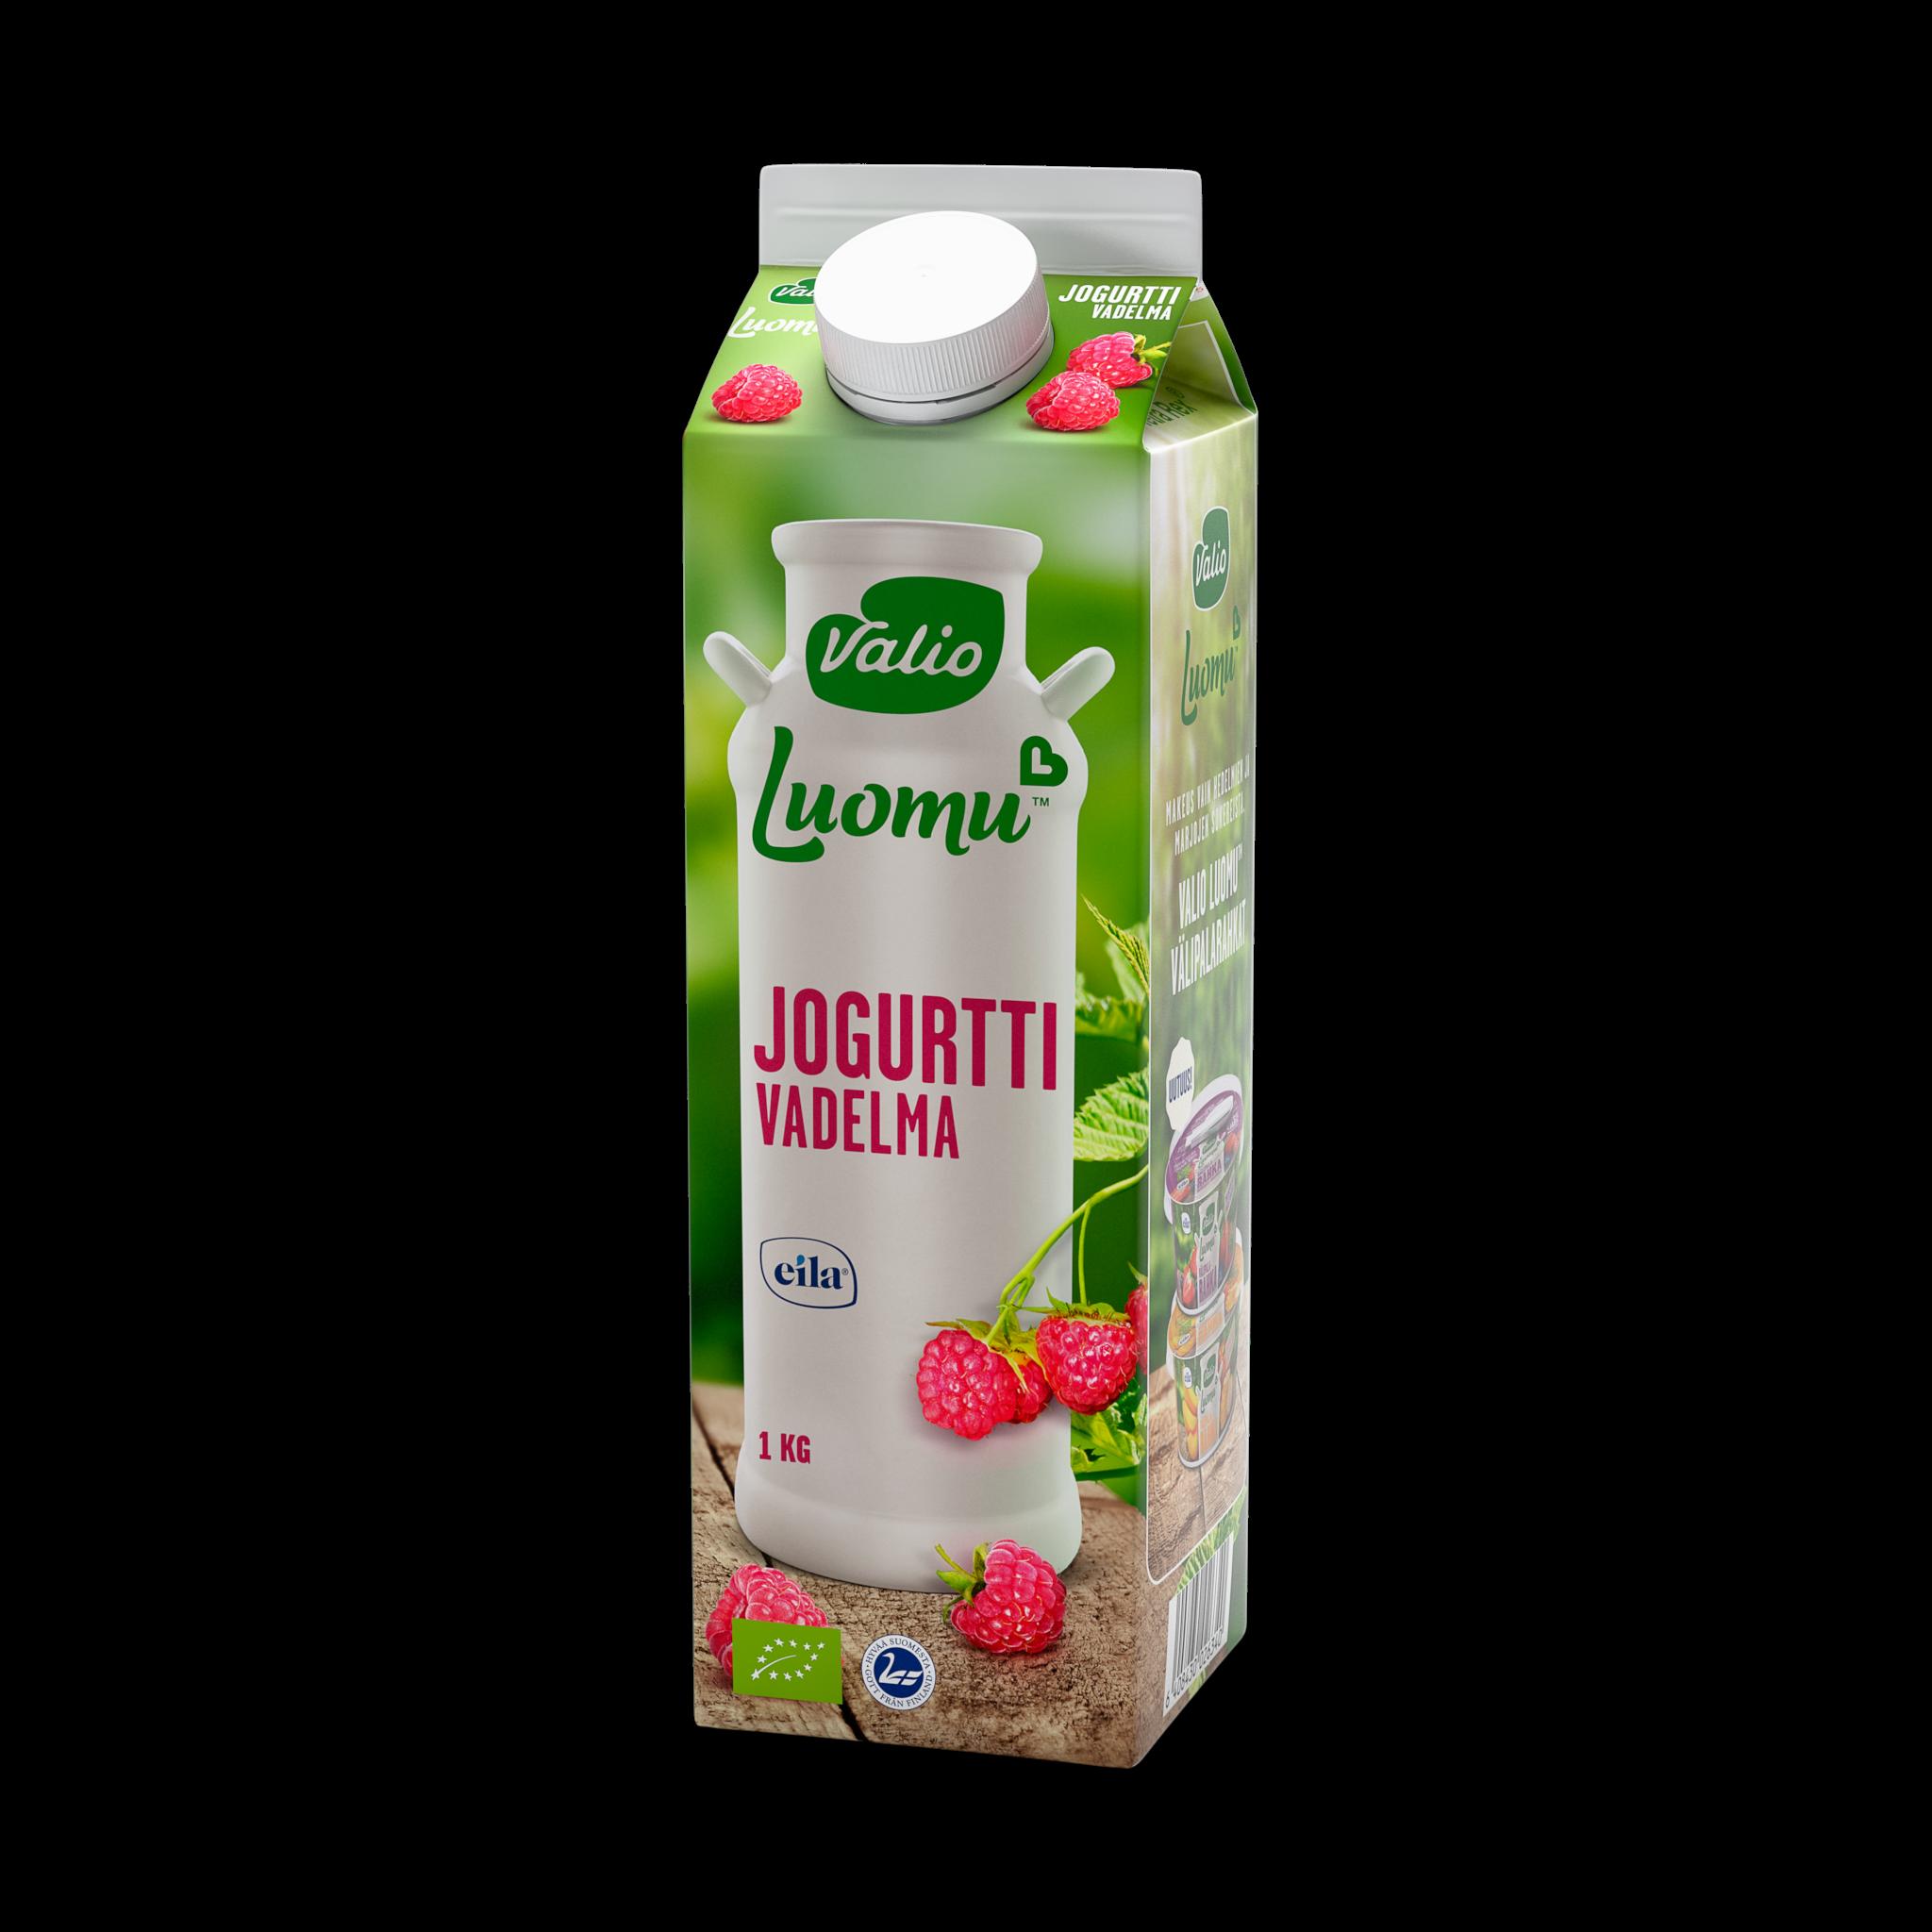 Valio Luomu™ jogurtti vadelma laktoositon